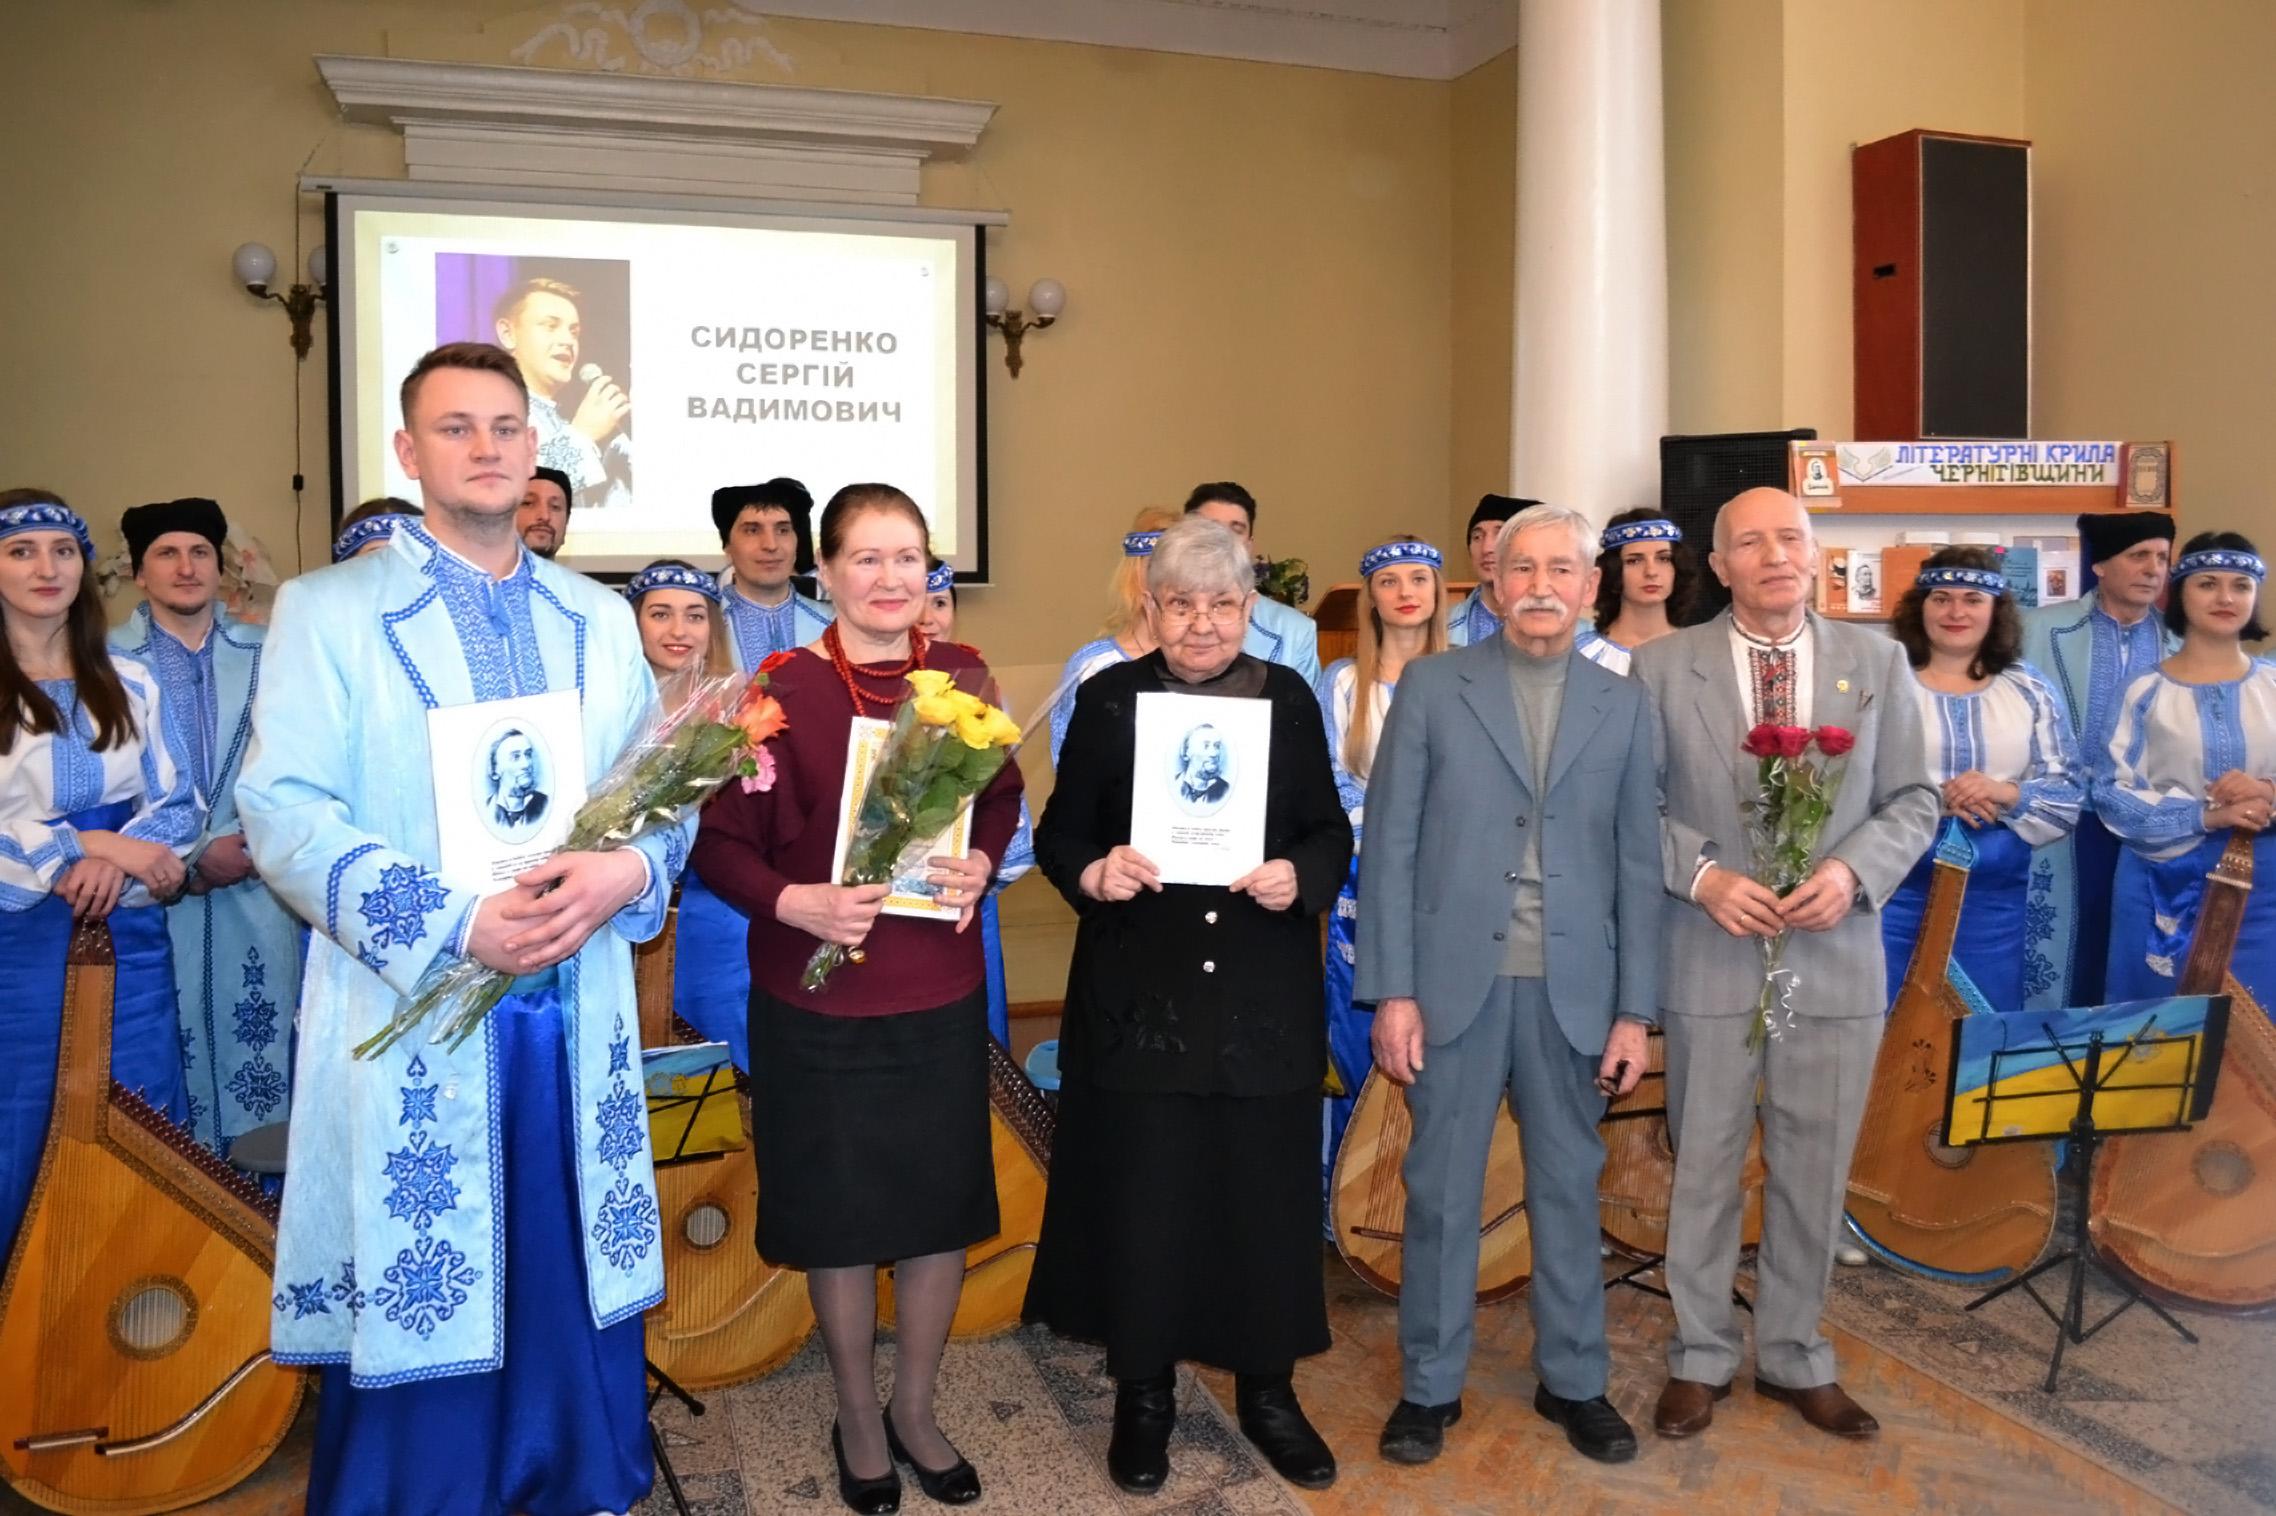 У бібліотеці Короленка вручили премії імені Леоніда Глібова лауреатам 2019 року (Фото)